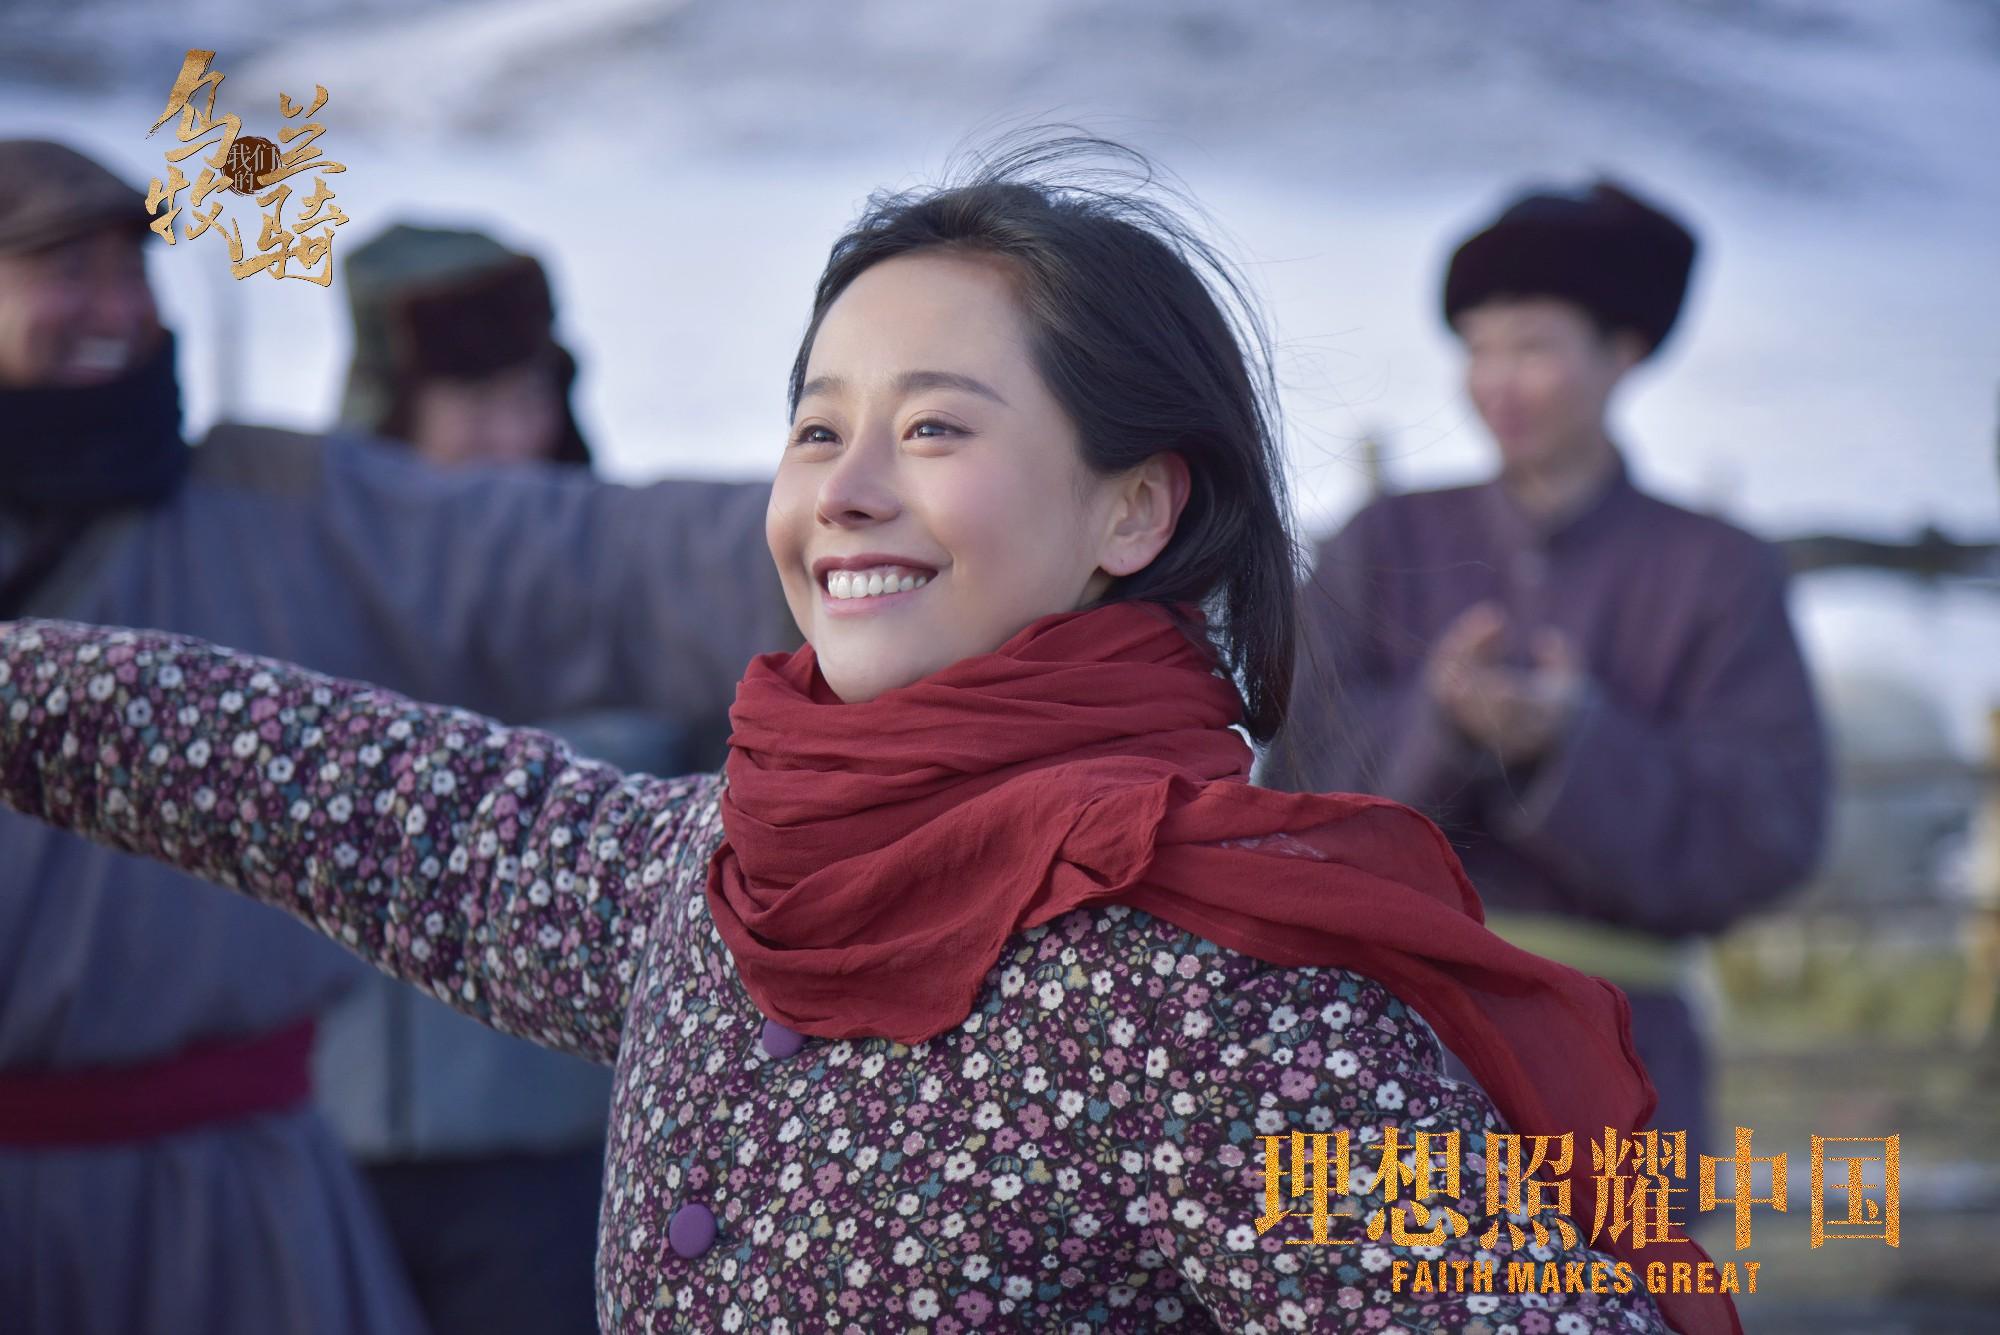 叶晞月《理想照耀中国》单元剧《我们的乌兰牧骑》6月14日播出 草原儿女 逐梦四方